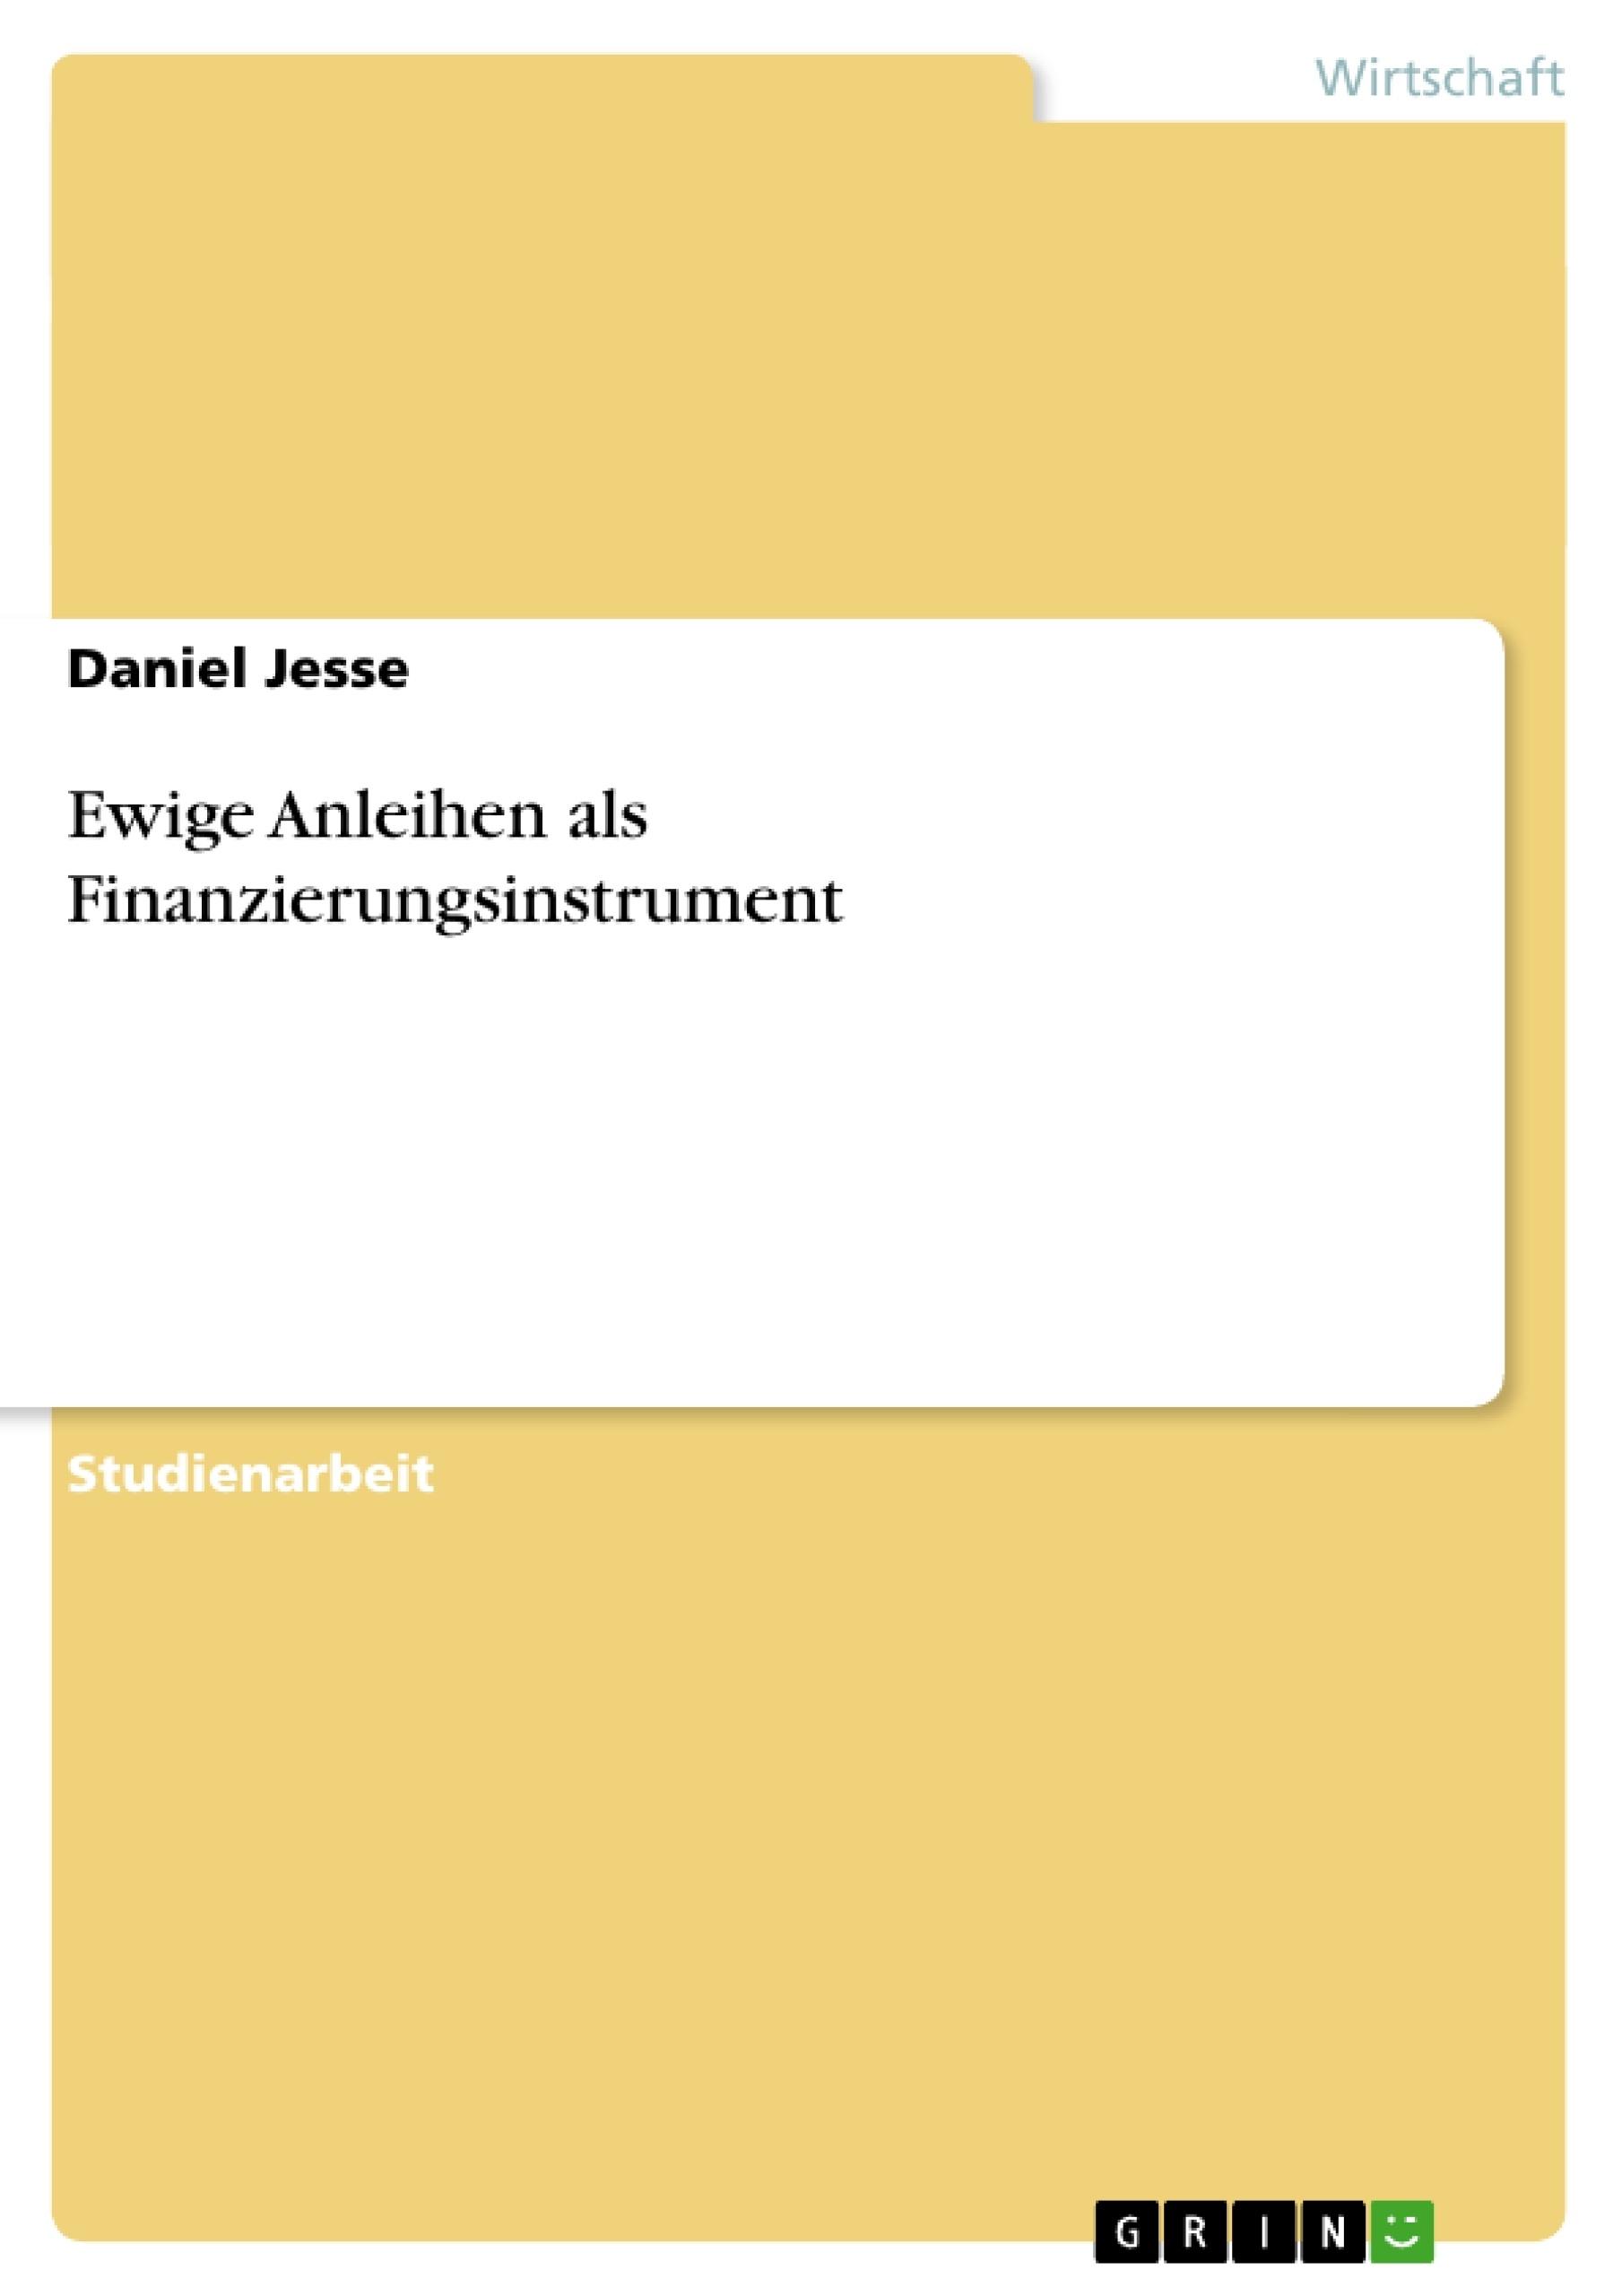 Titel: Ewige Anleihen als Finanzierungsinstrument